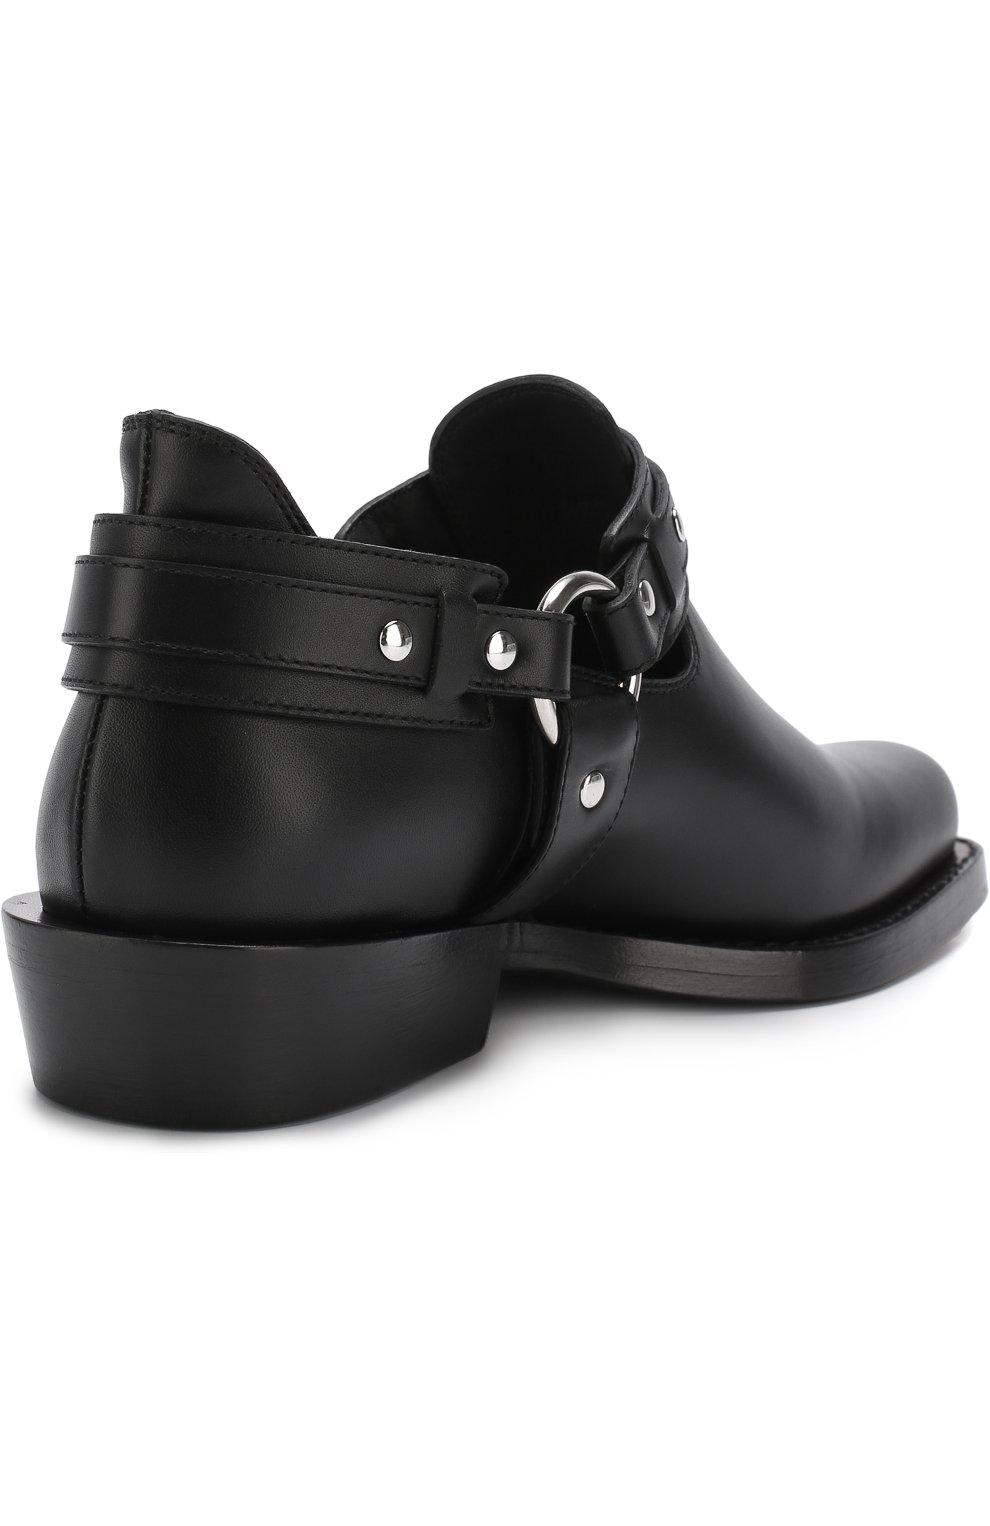 Женские кожаные ботинки с ремешками PACO RABANNE черного цвета, арт. 18PM0T0L03CAAFL   Фото 4 (Каблук высота: Низкий; Статус проверки: Проверено; Подошва: Плоская)